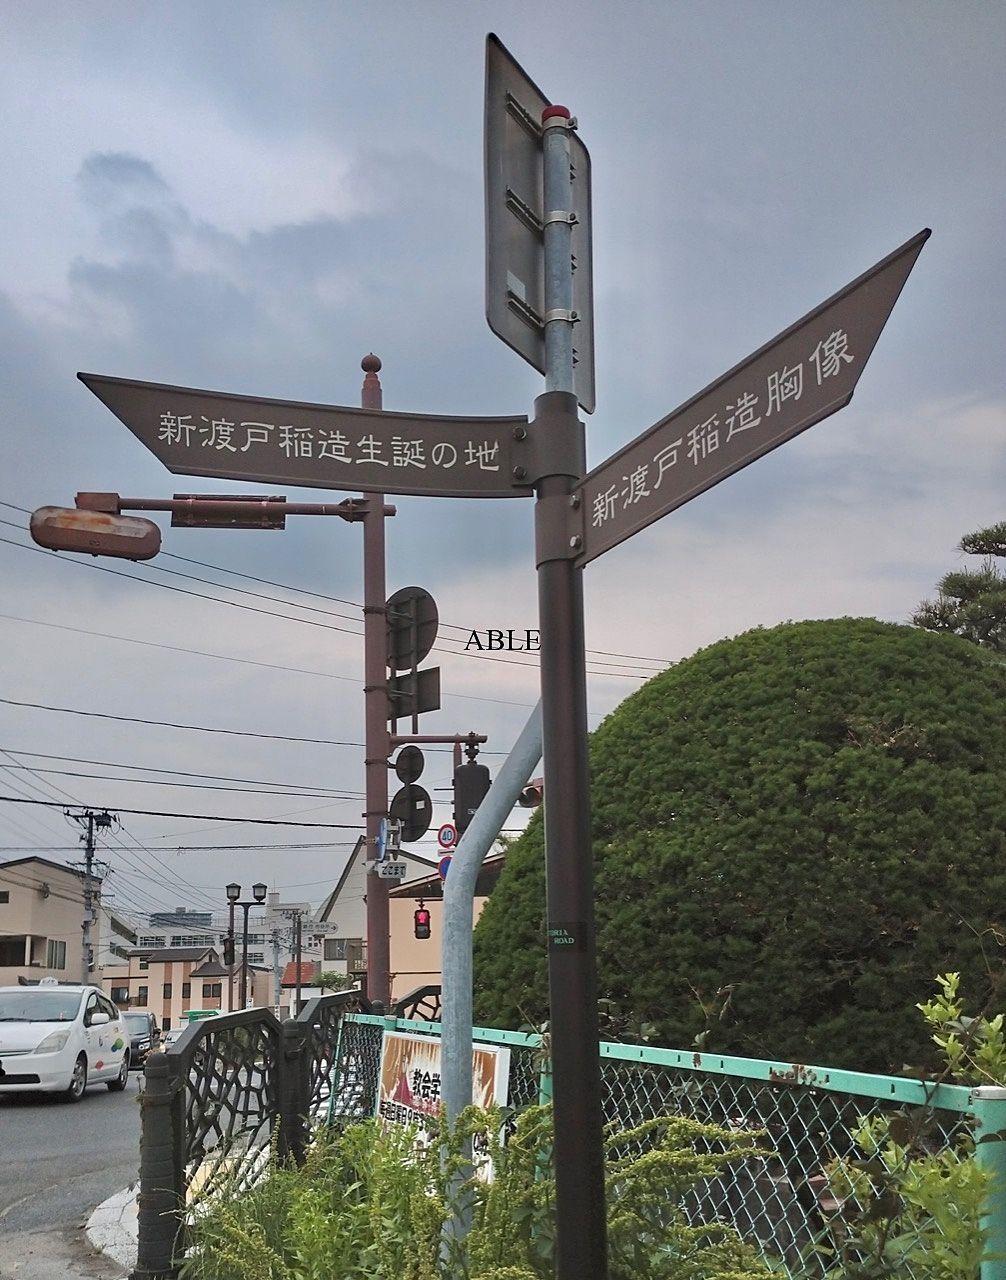 盛岡日記(下ノ橋町〜清水町)